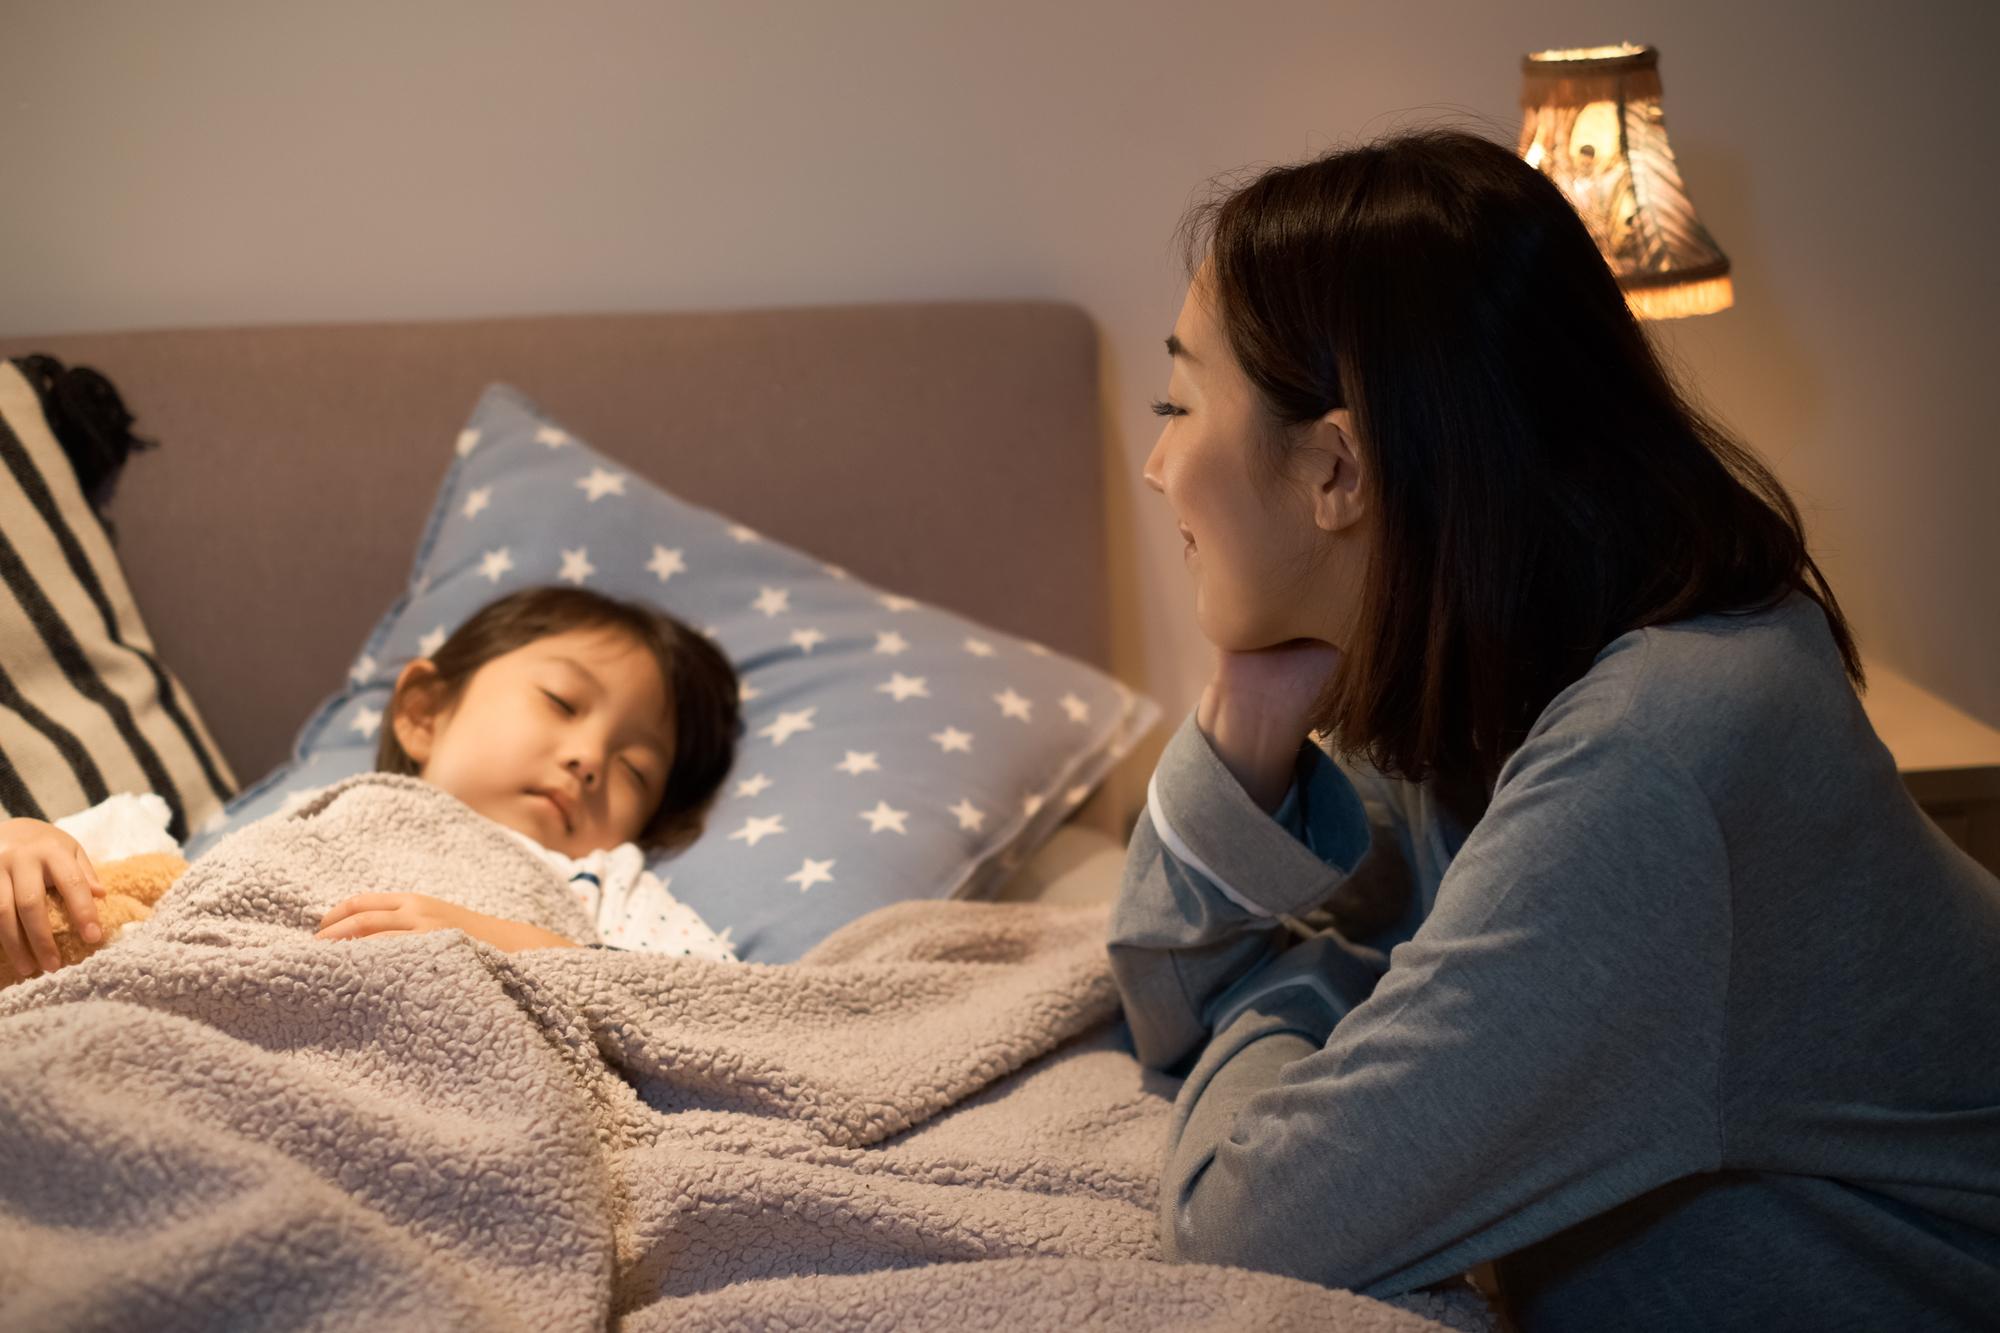 子供の寝かしつけって何歳まで?イライラしないための3つのポイント